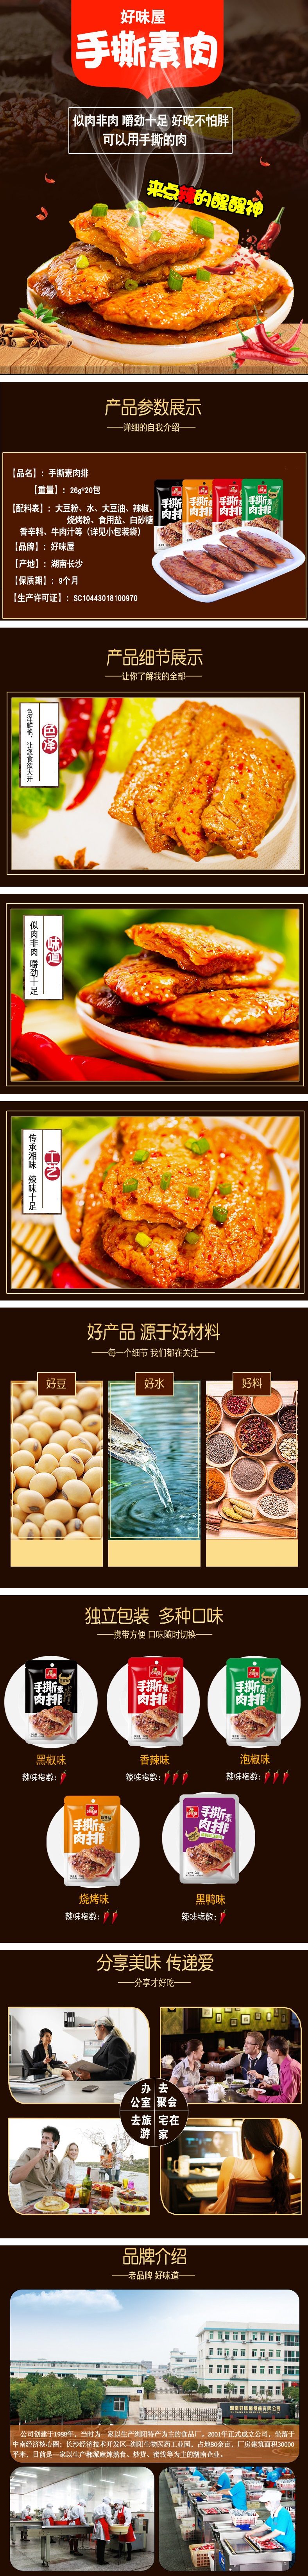 湖南特产 好味屋手撕素肉蛋白豆腐干豆制品素食素牛排素肉卷8090怀旧零食26g/包*20